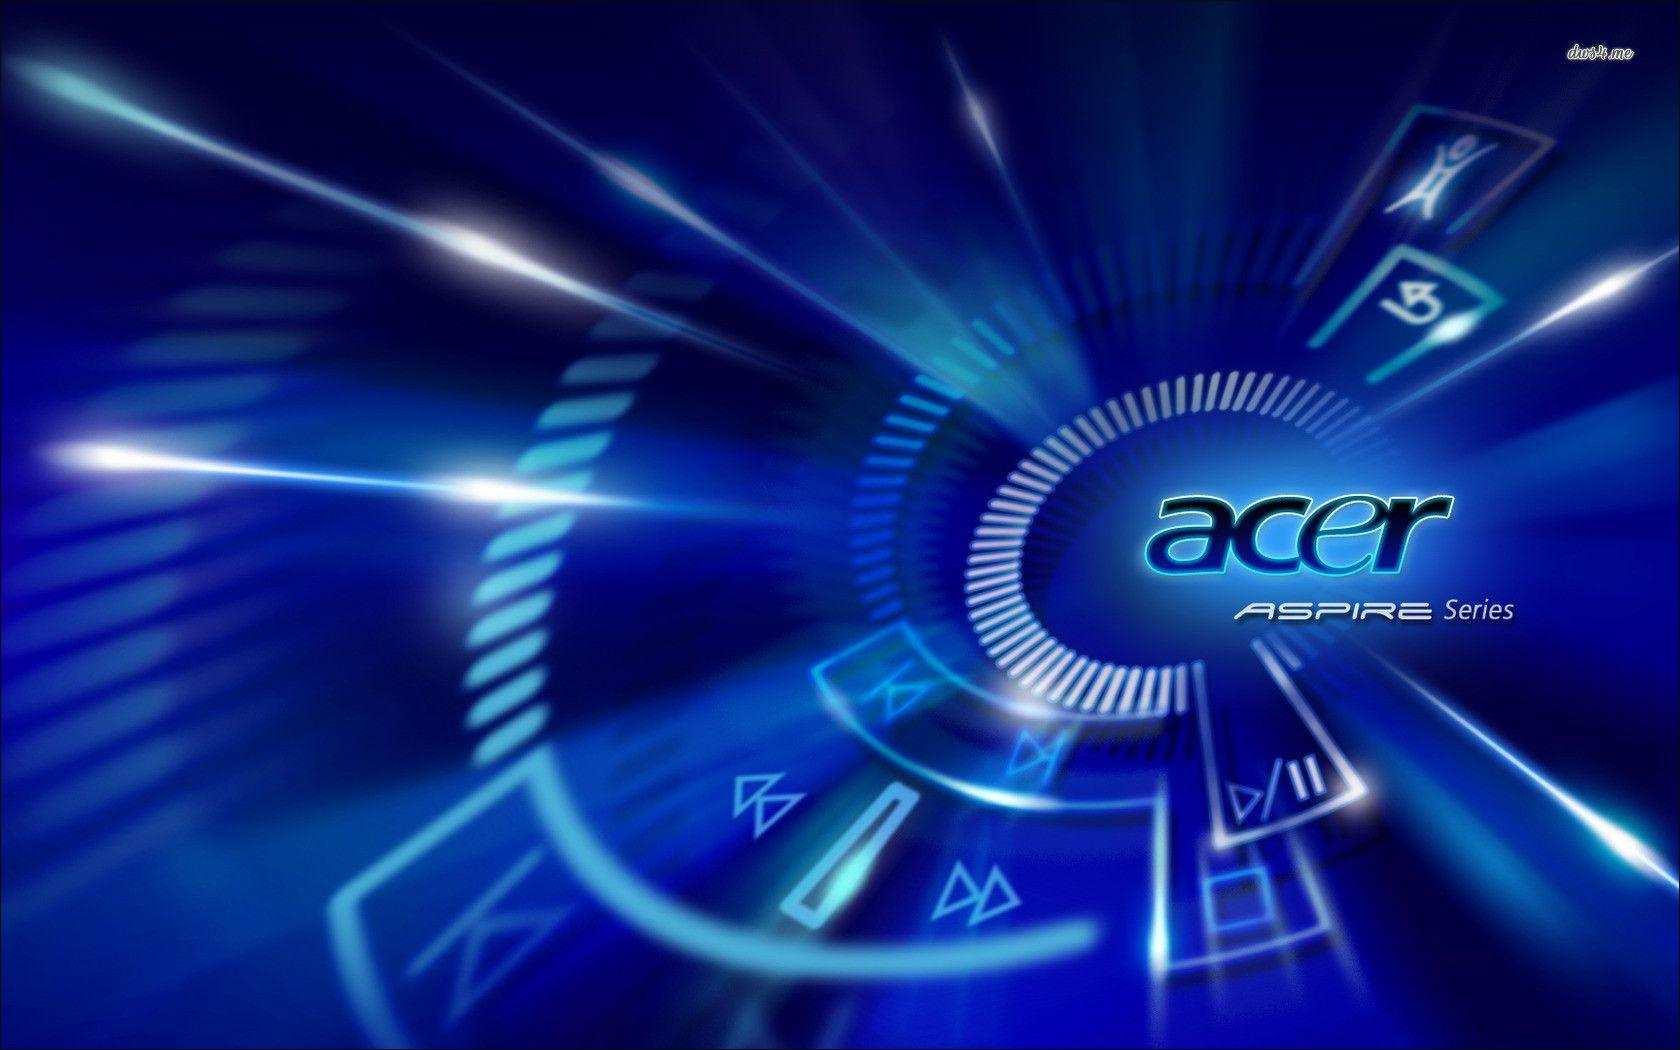 Wallpaper Bergerak Untuk Laptop Gratis Download Keren Acer